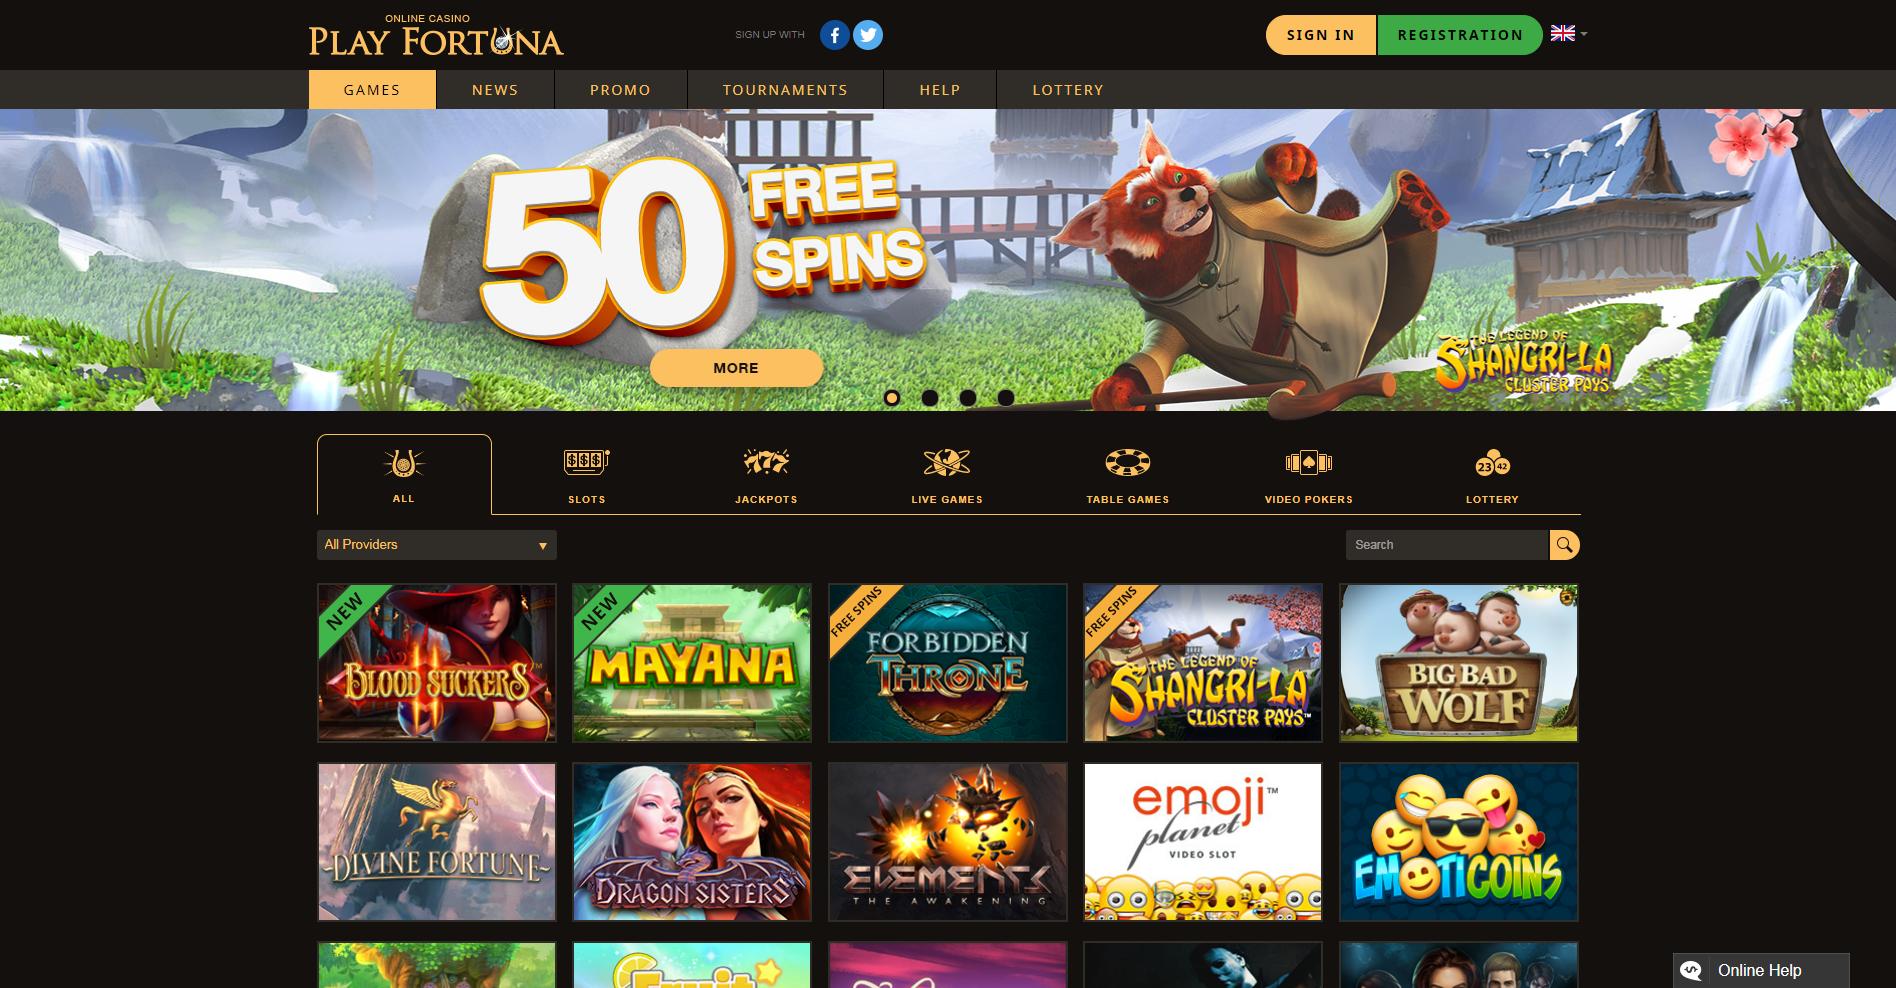 Play Fortuna бонусы для новичков